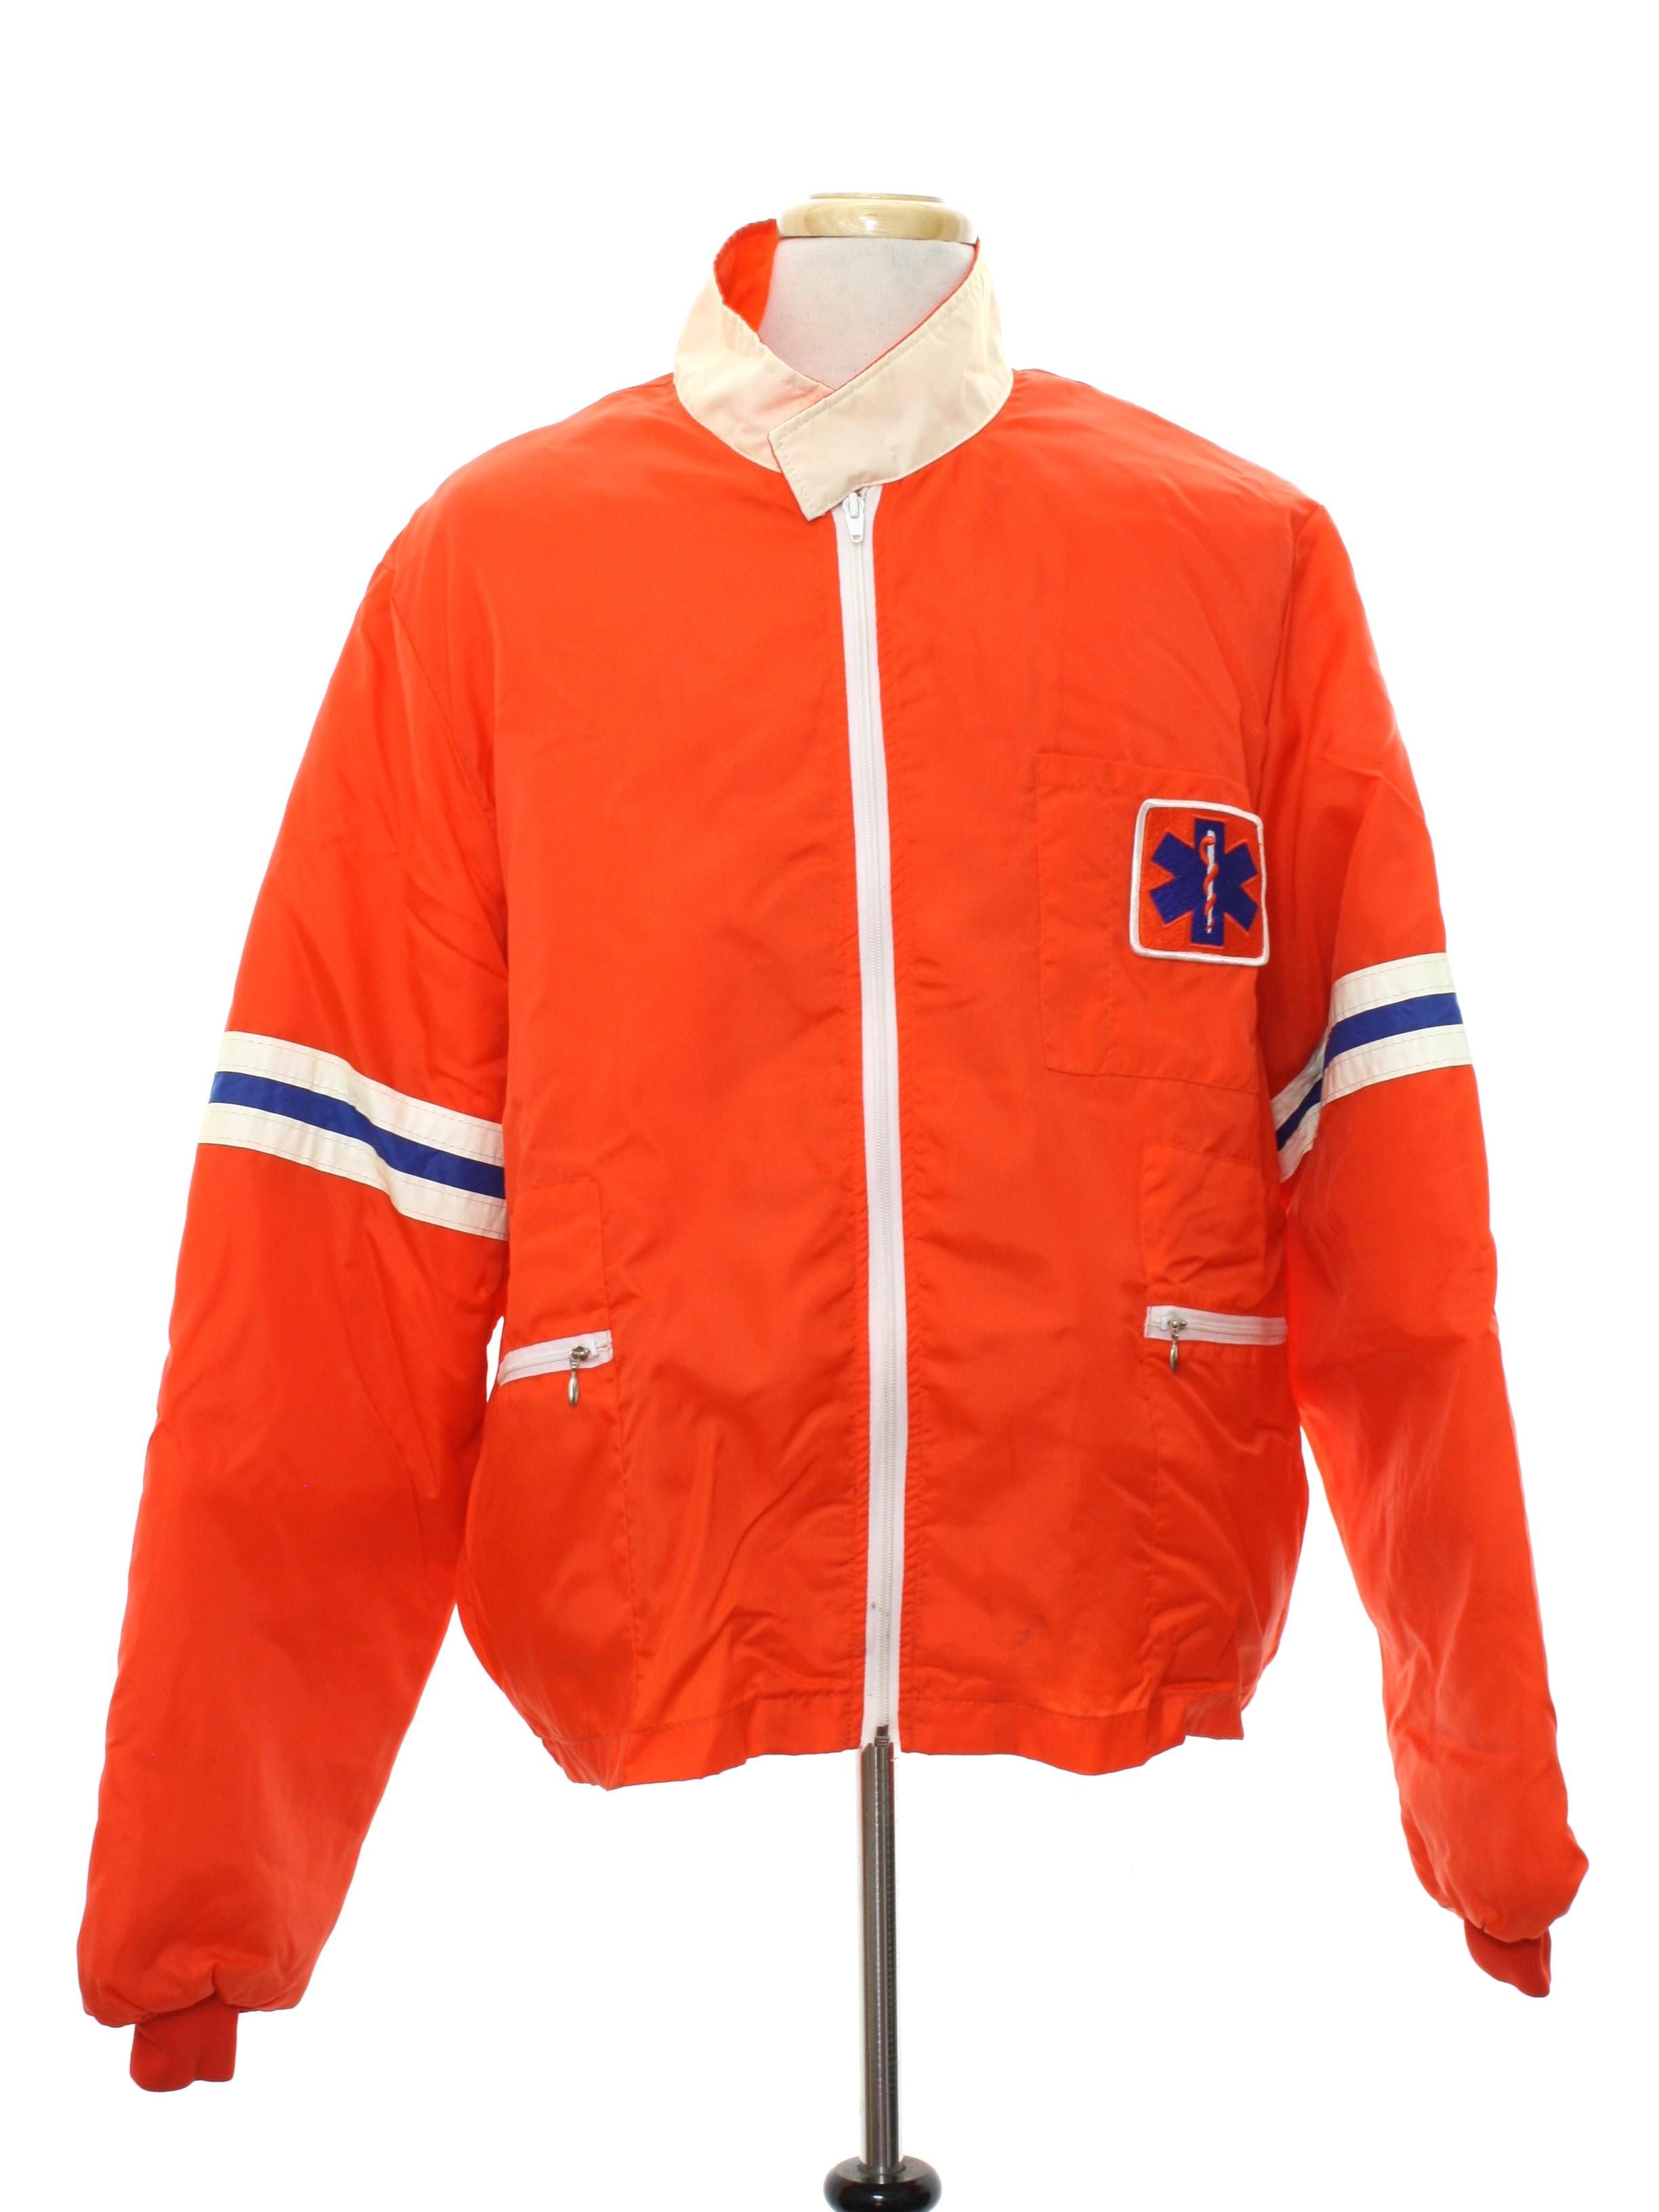 Dyna Med Inc 80 S Vintage Jacket 80s Dyna Med Inc